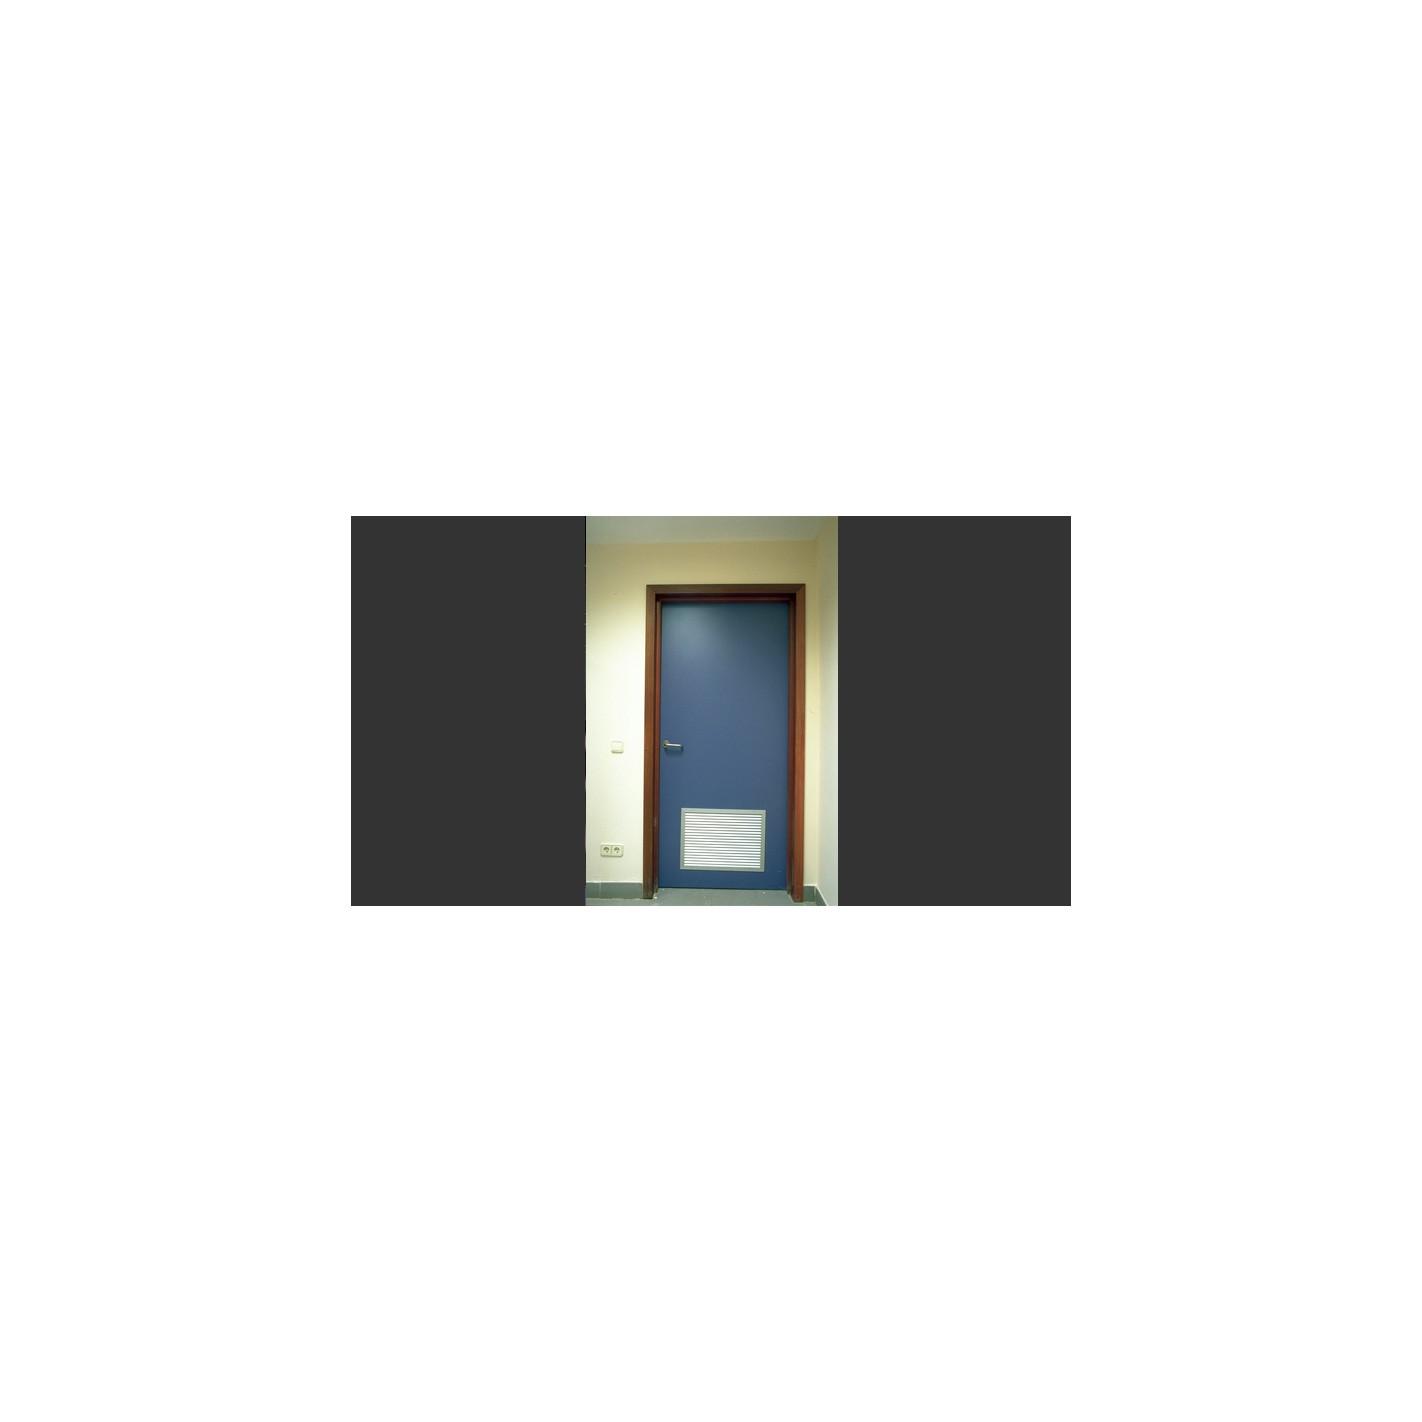 Rejilla ventilacion puertas y tabiques aluminio alg sistemas - Rejillas de ventilacion precios ...